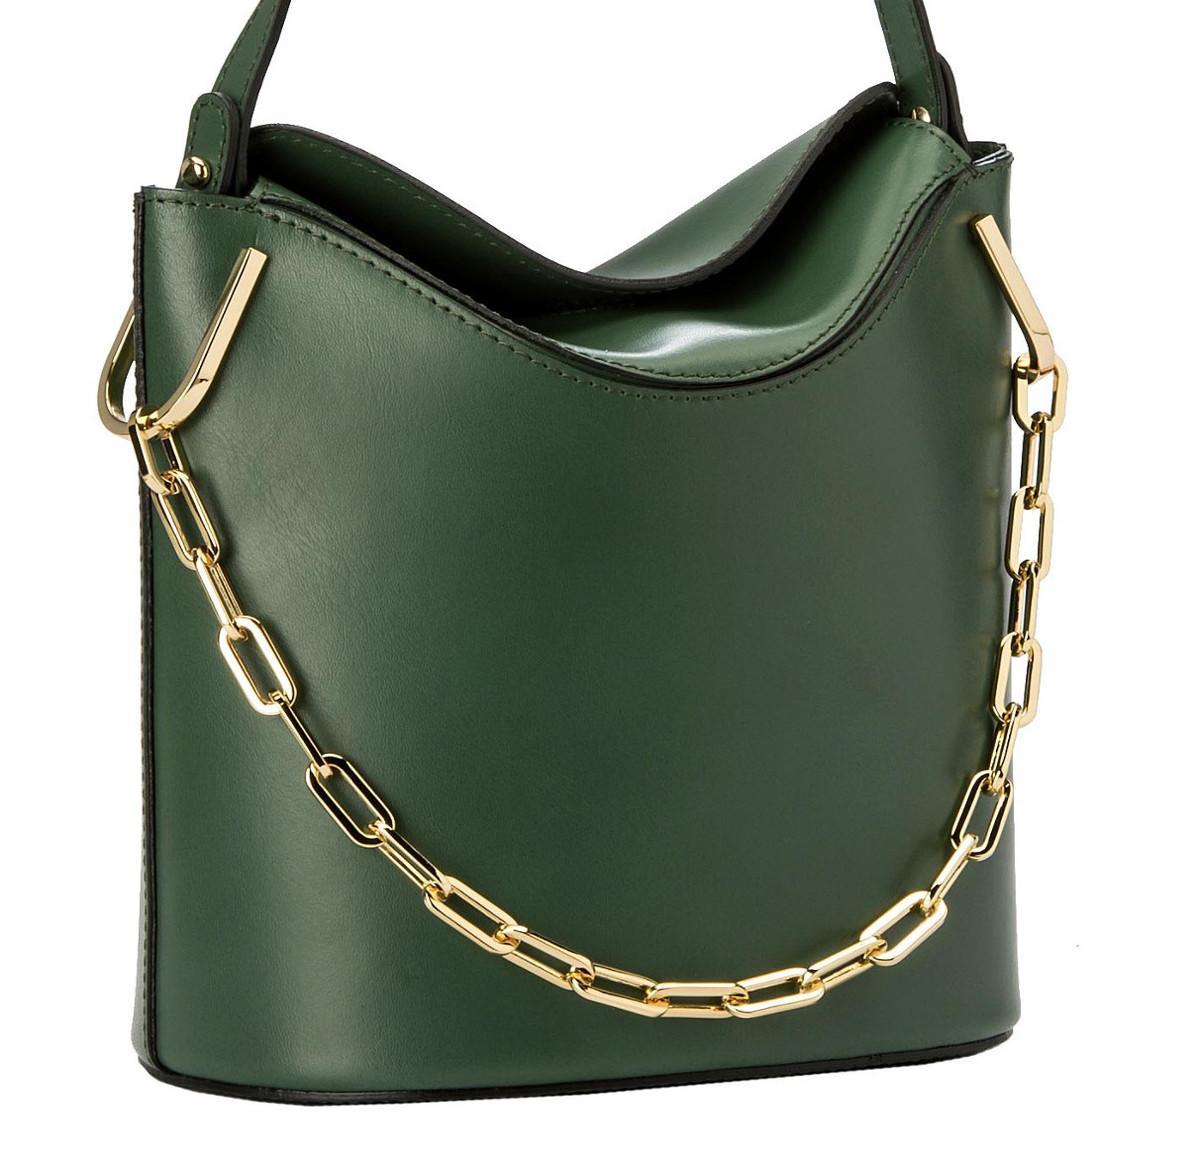 Gianni Chiarini Sophia Emerald kleine Schultertasche dunkelgrün